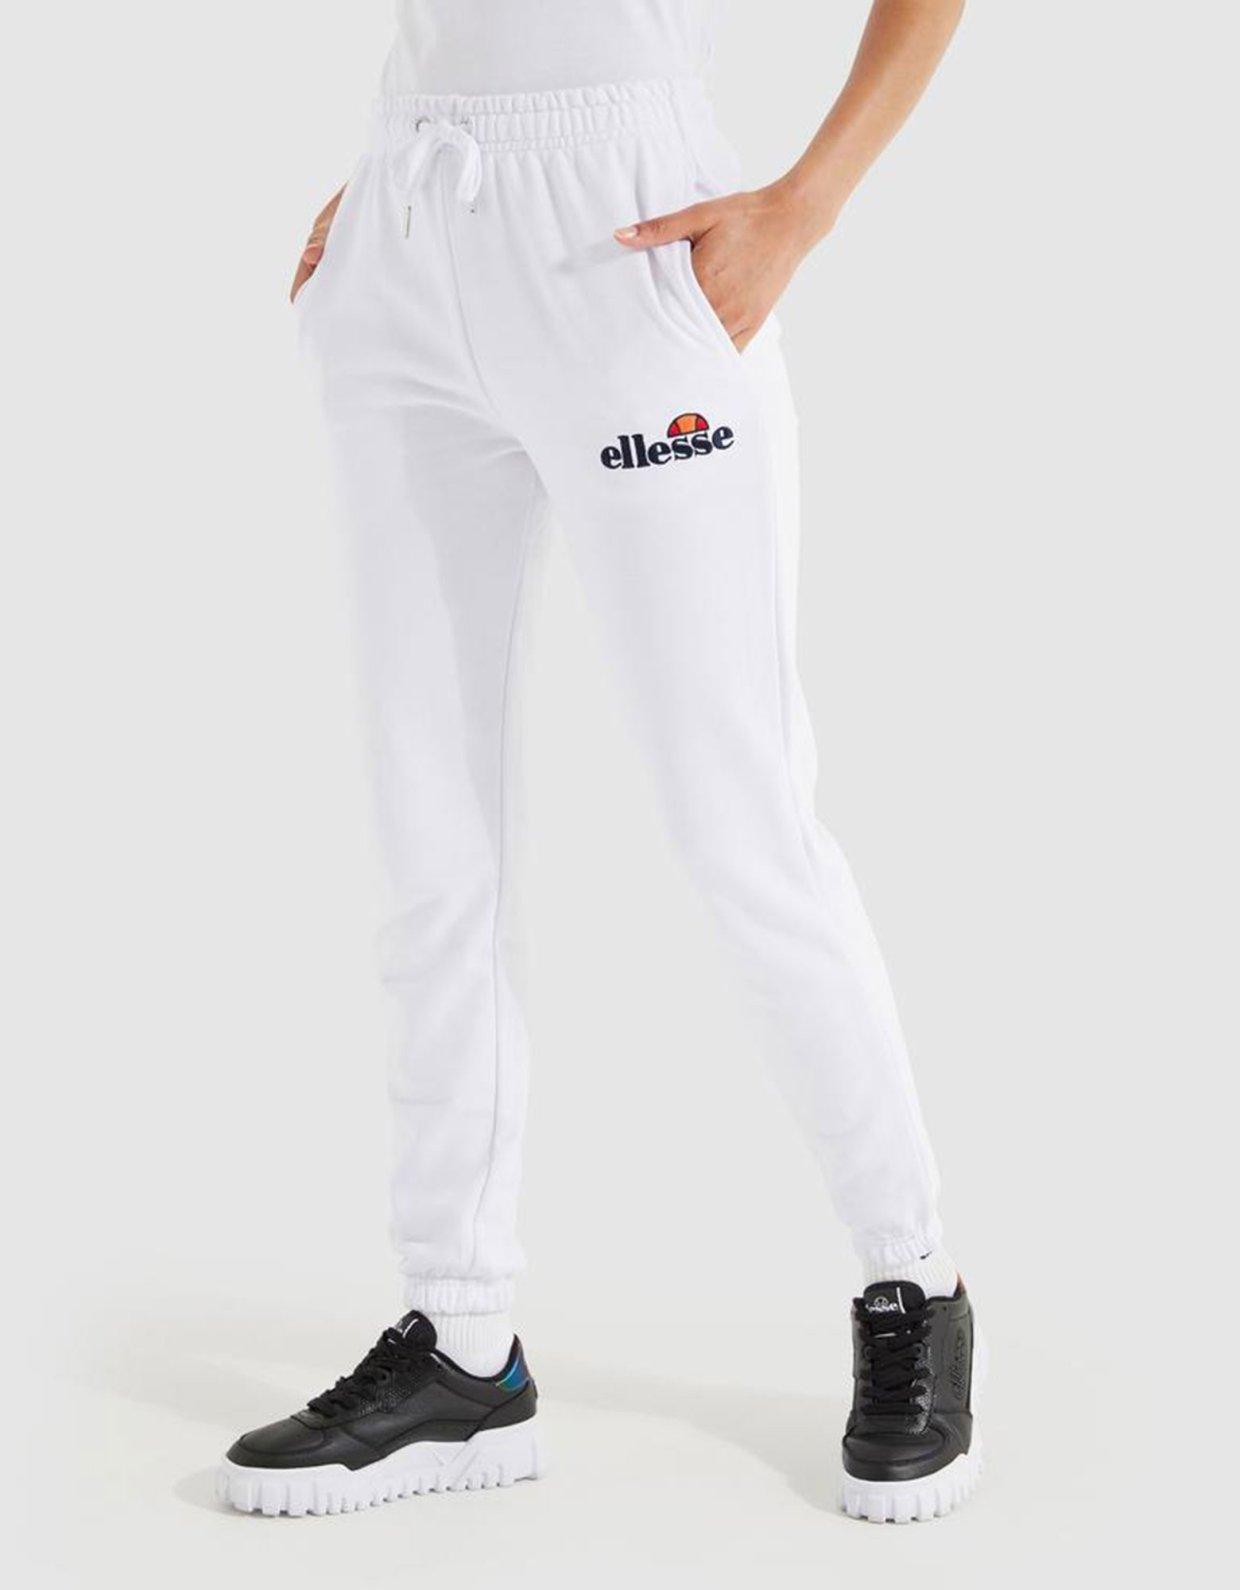 Ellesse Noora jog pants white